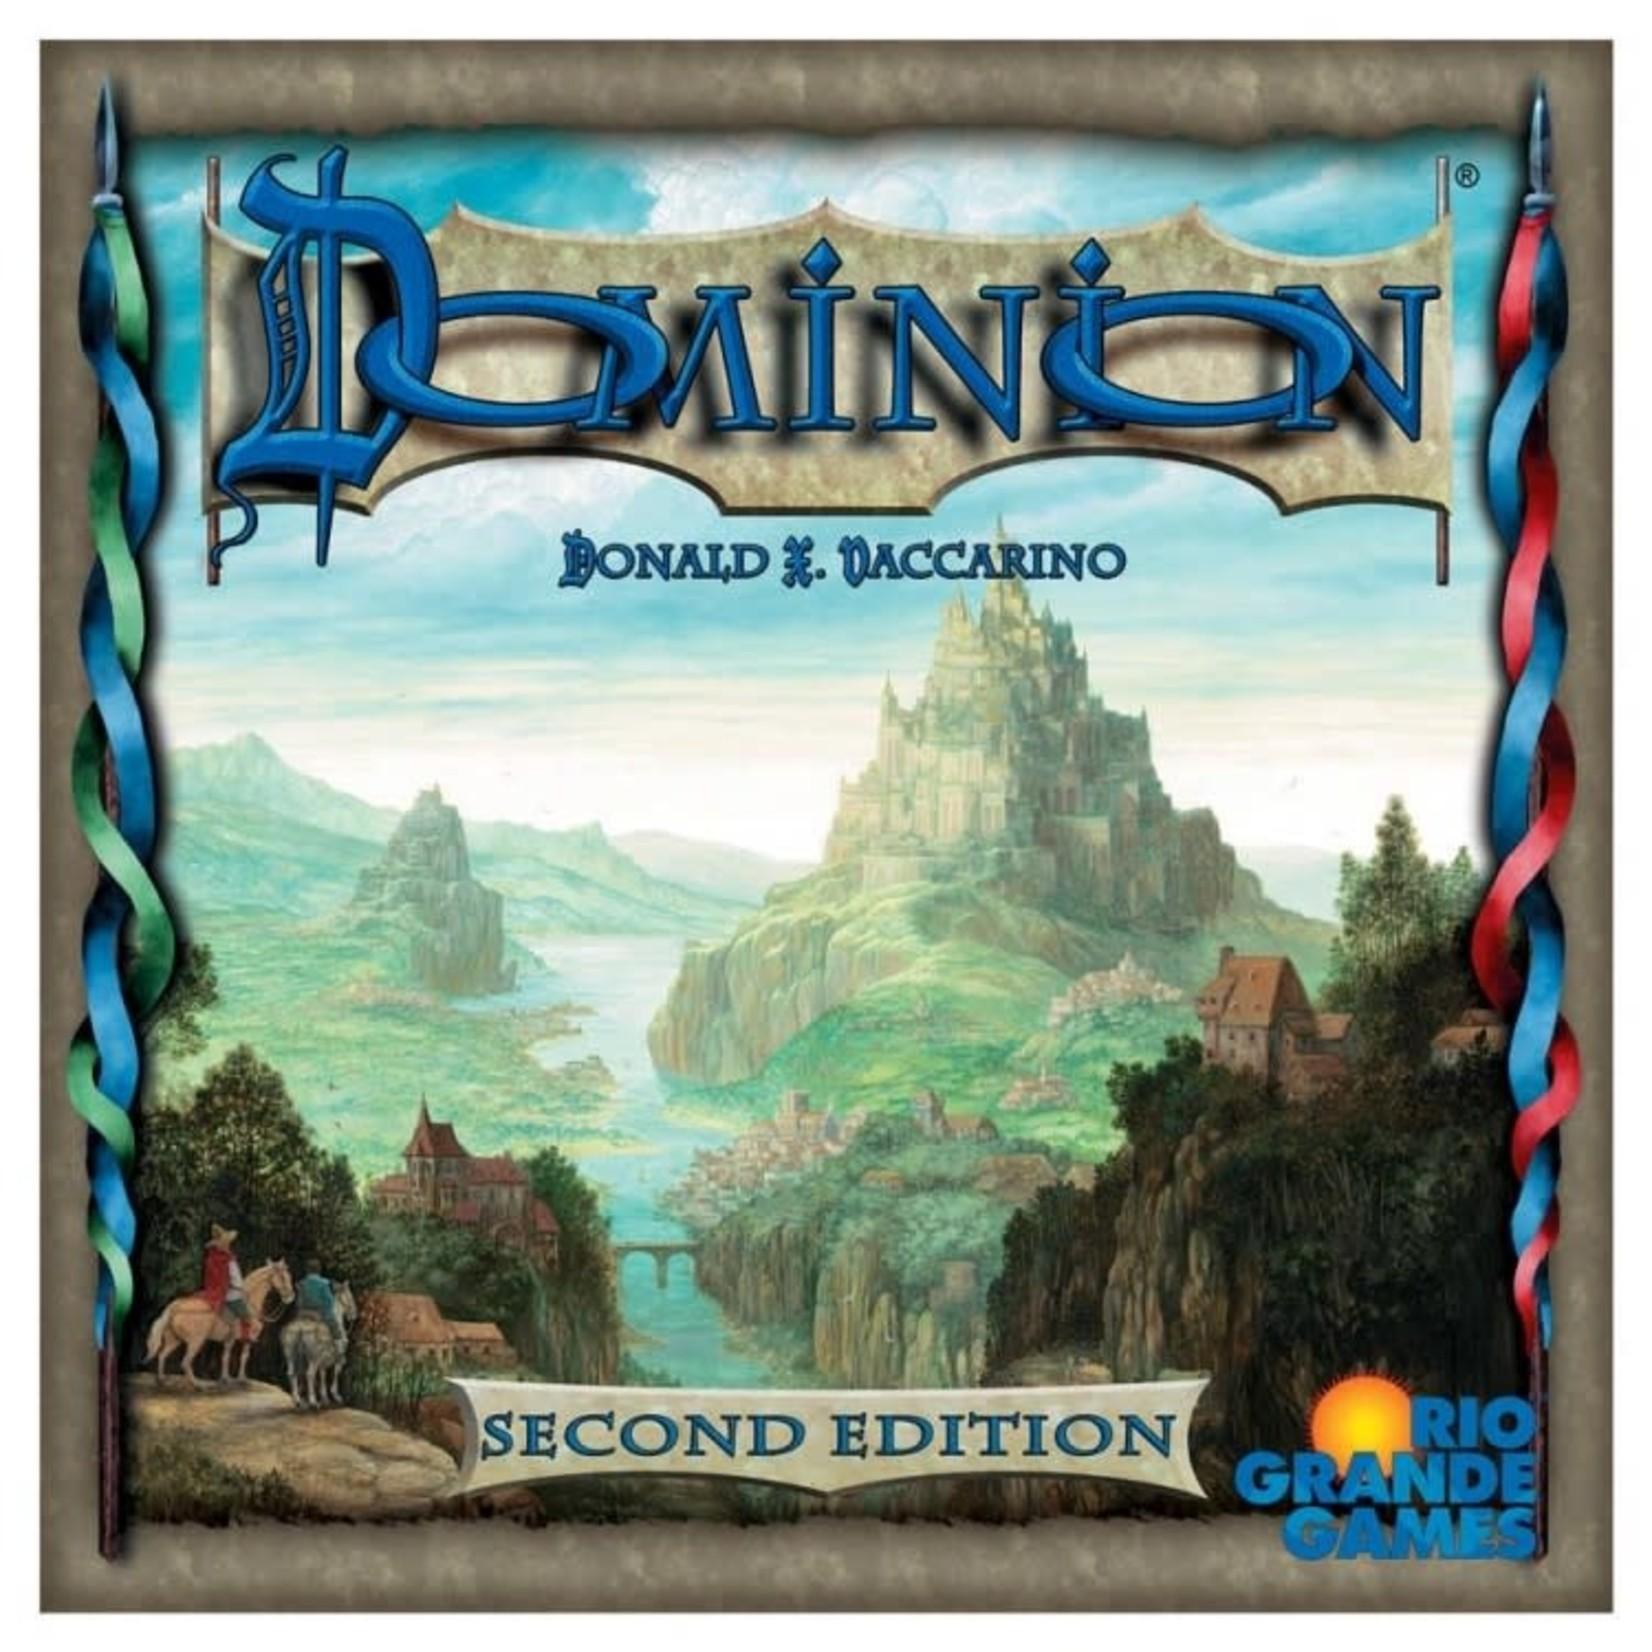 Rio Grande Dominion 2nd Edition